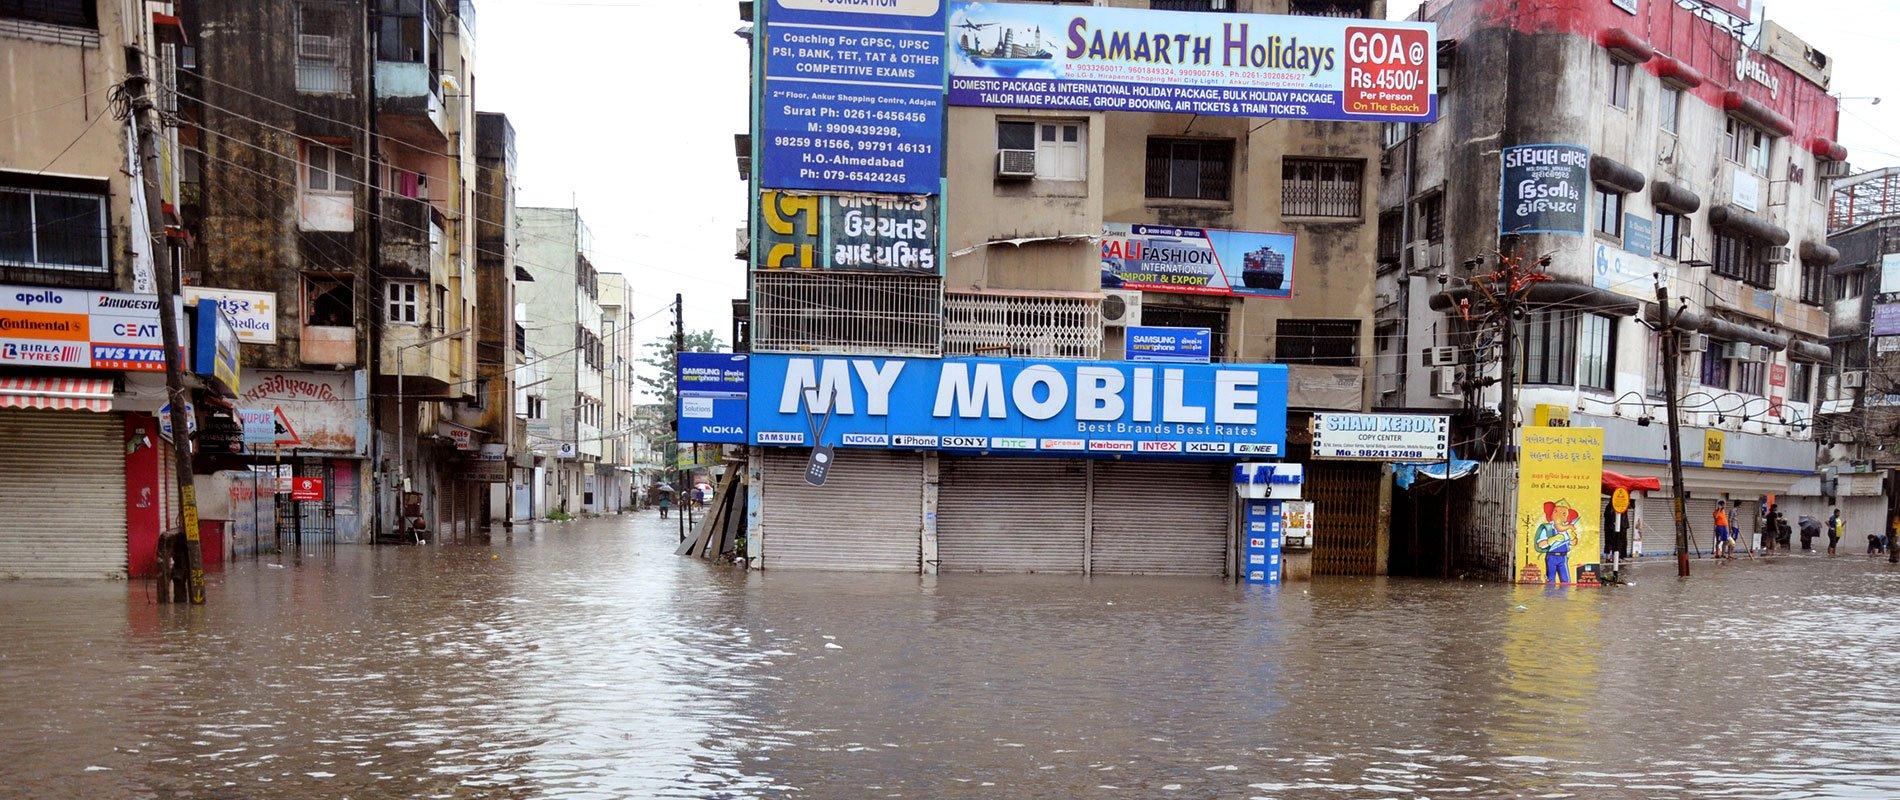 La ville indienne de Surat